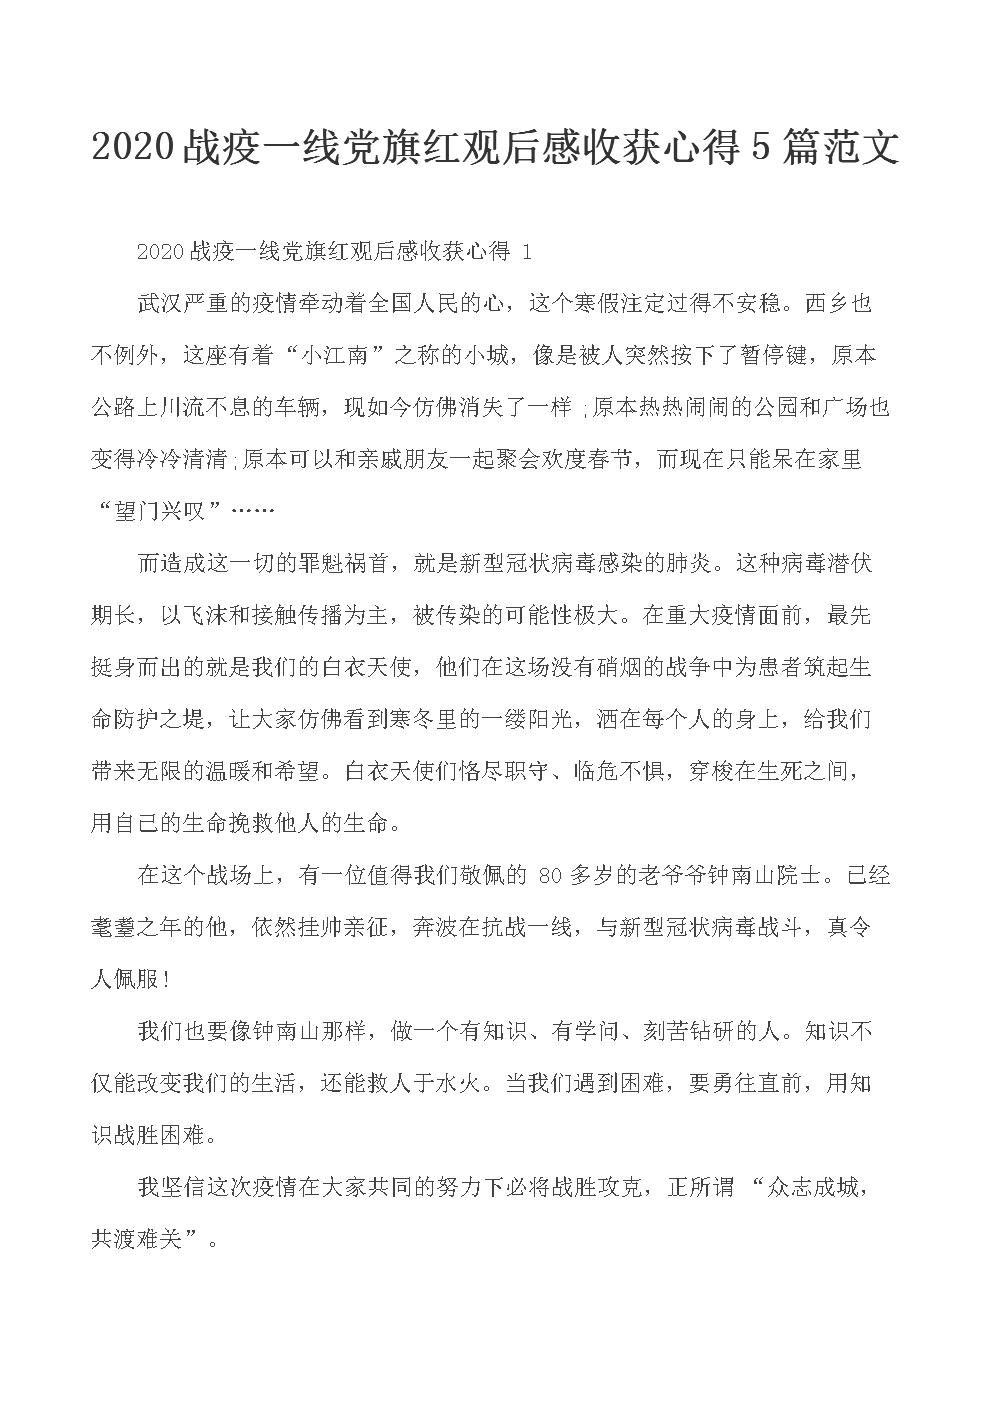 2020战疫一线党旗红观后感收获心得5篇范文.docx